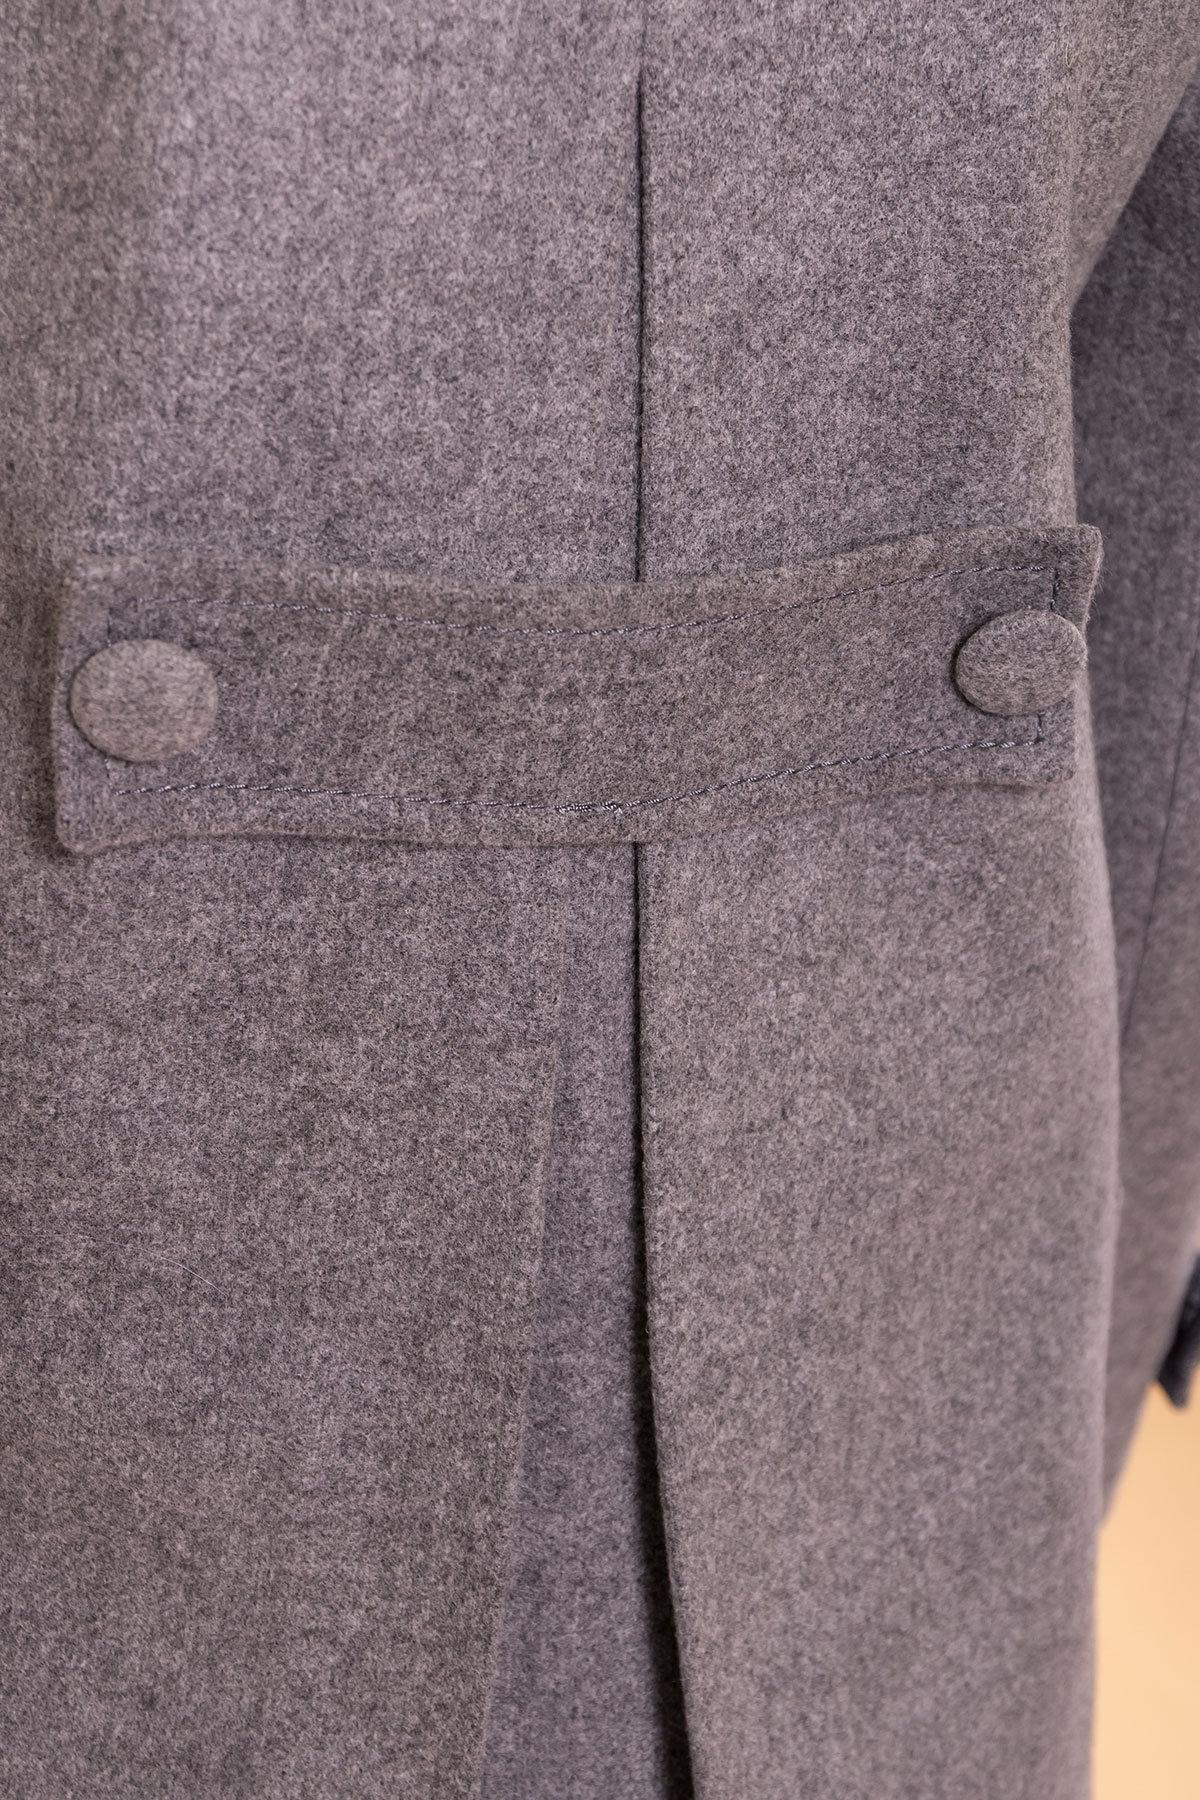 Пальто Латте 5636 АРТ. 37736 Цвет: Серый 18 - фото 5, интернет магазин tm-modus.ru